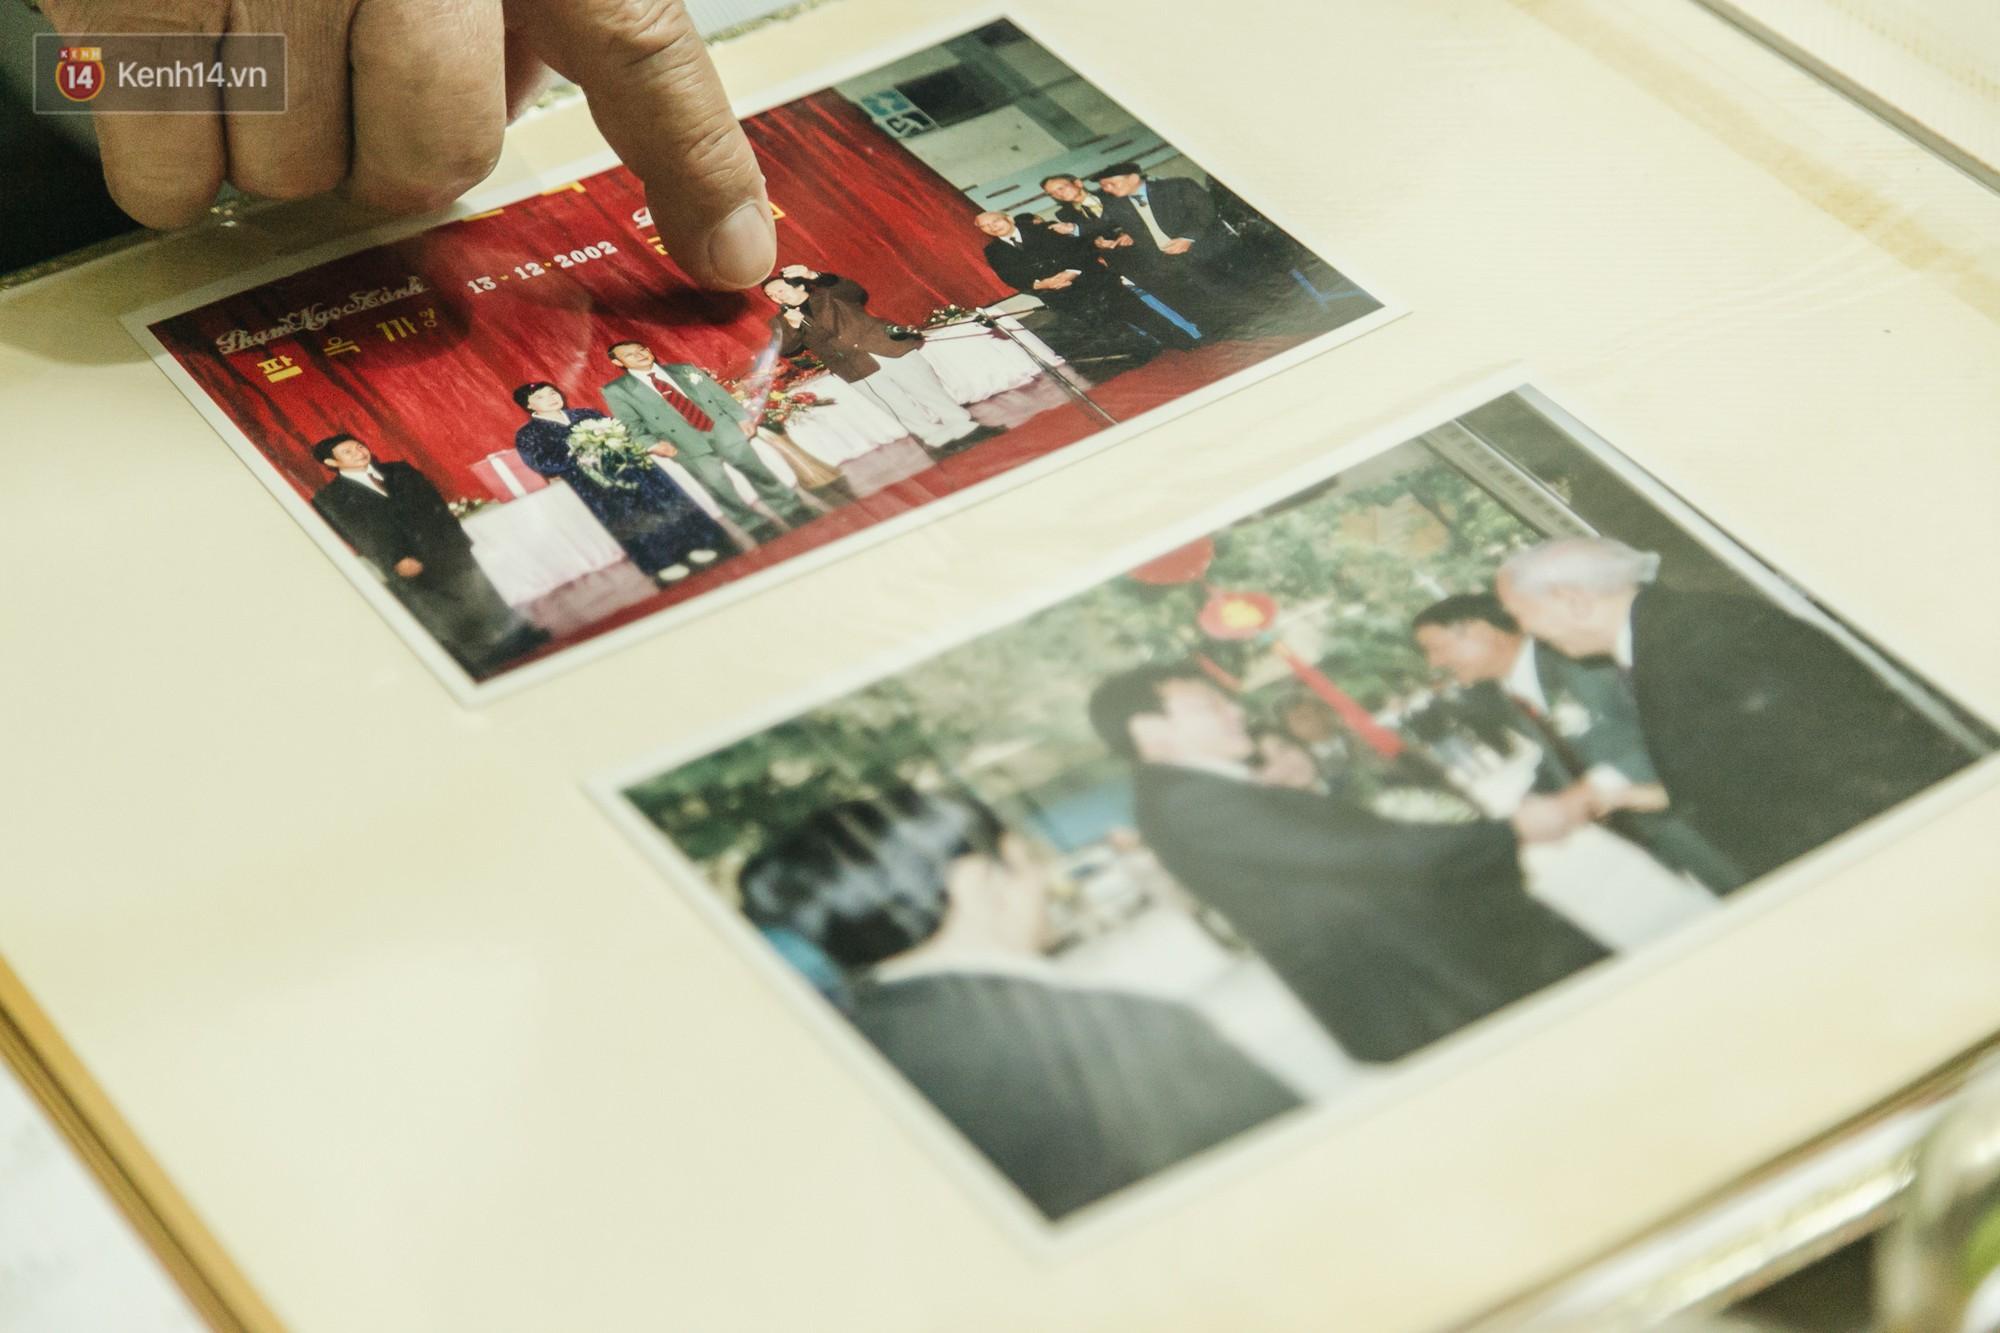 Đoạn kết đẹp của chàng sinh viên Hà Nội đem lòng yêu cô gái Triều Tiên và 30 năm xa cách tưởng như chẳng thể về bên nhau - Ảnh 11.